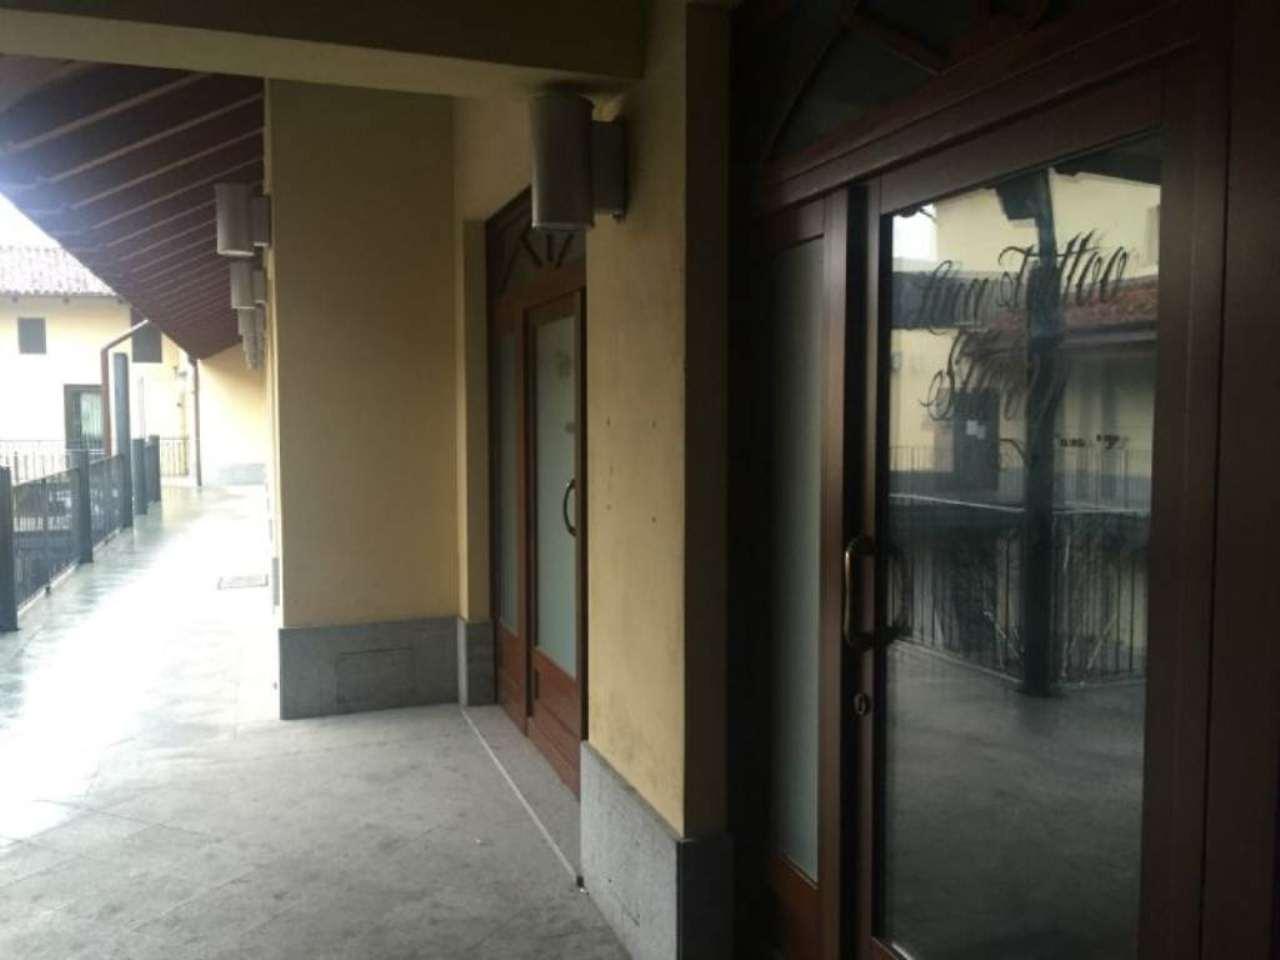 Negozio / Locale in vendita a Volpiano, 2 locali, prezzo € 62.000 | Cambio Casa.it